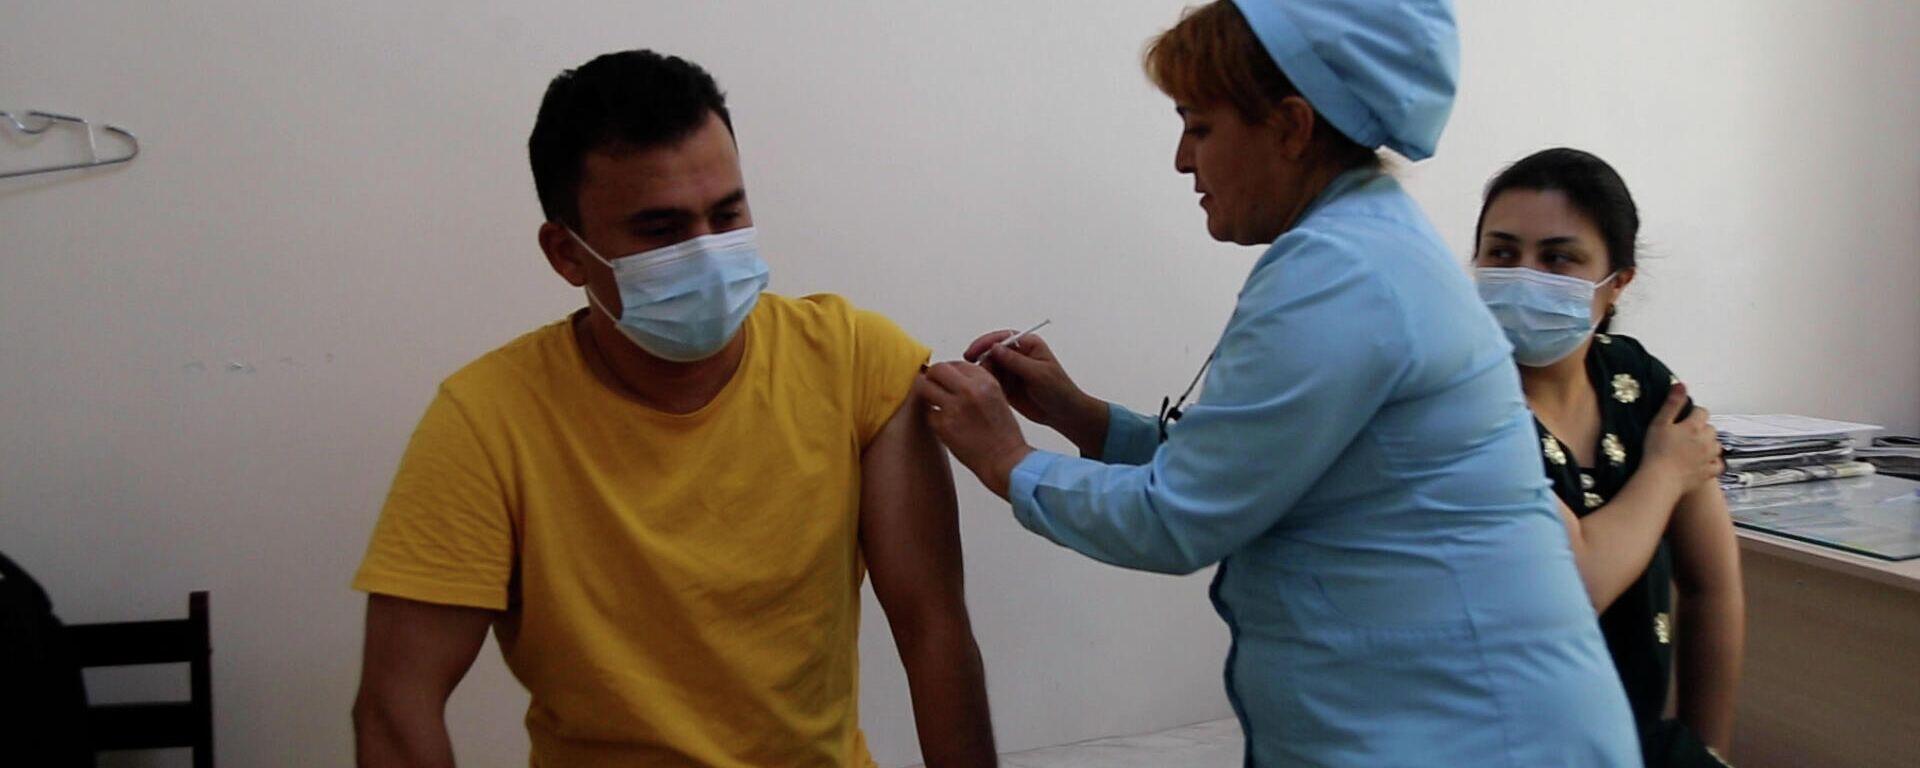 Вакцинация от коронавируса в Таджикистане - Sputnik Таджикистан, 1920, 26.07.2021